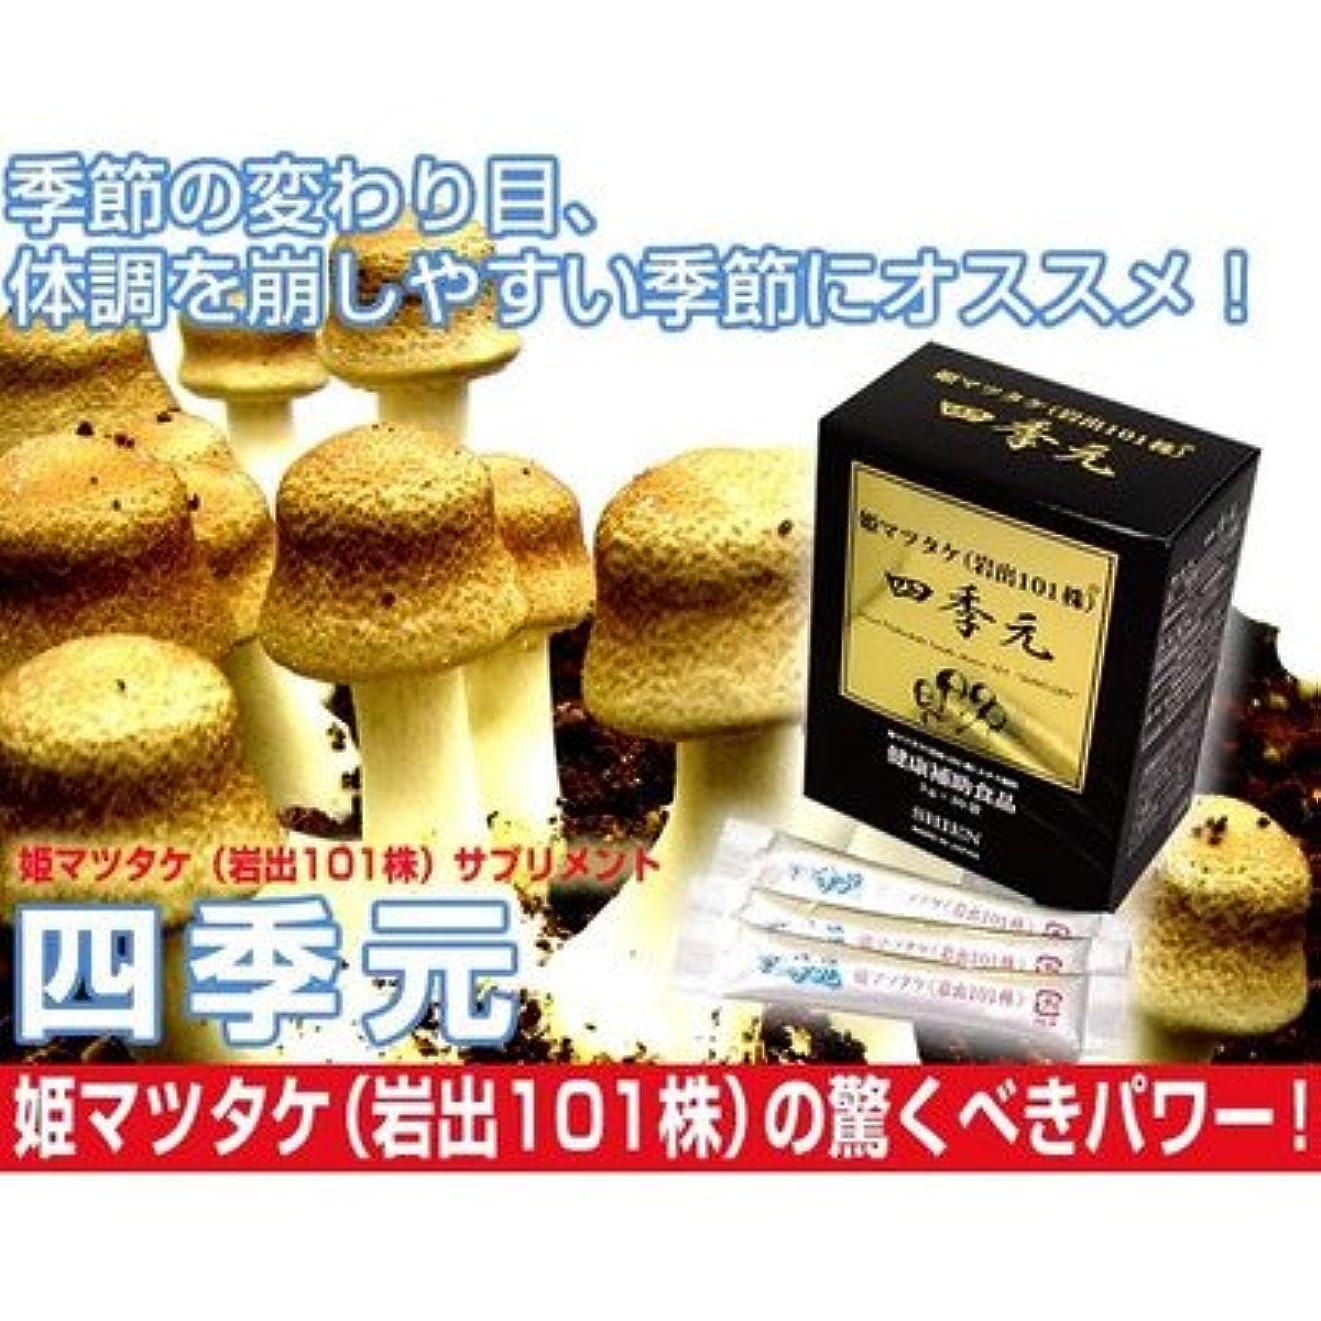 マチュピチュどこ避難四季元 90g(3g×30包)